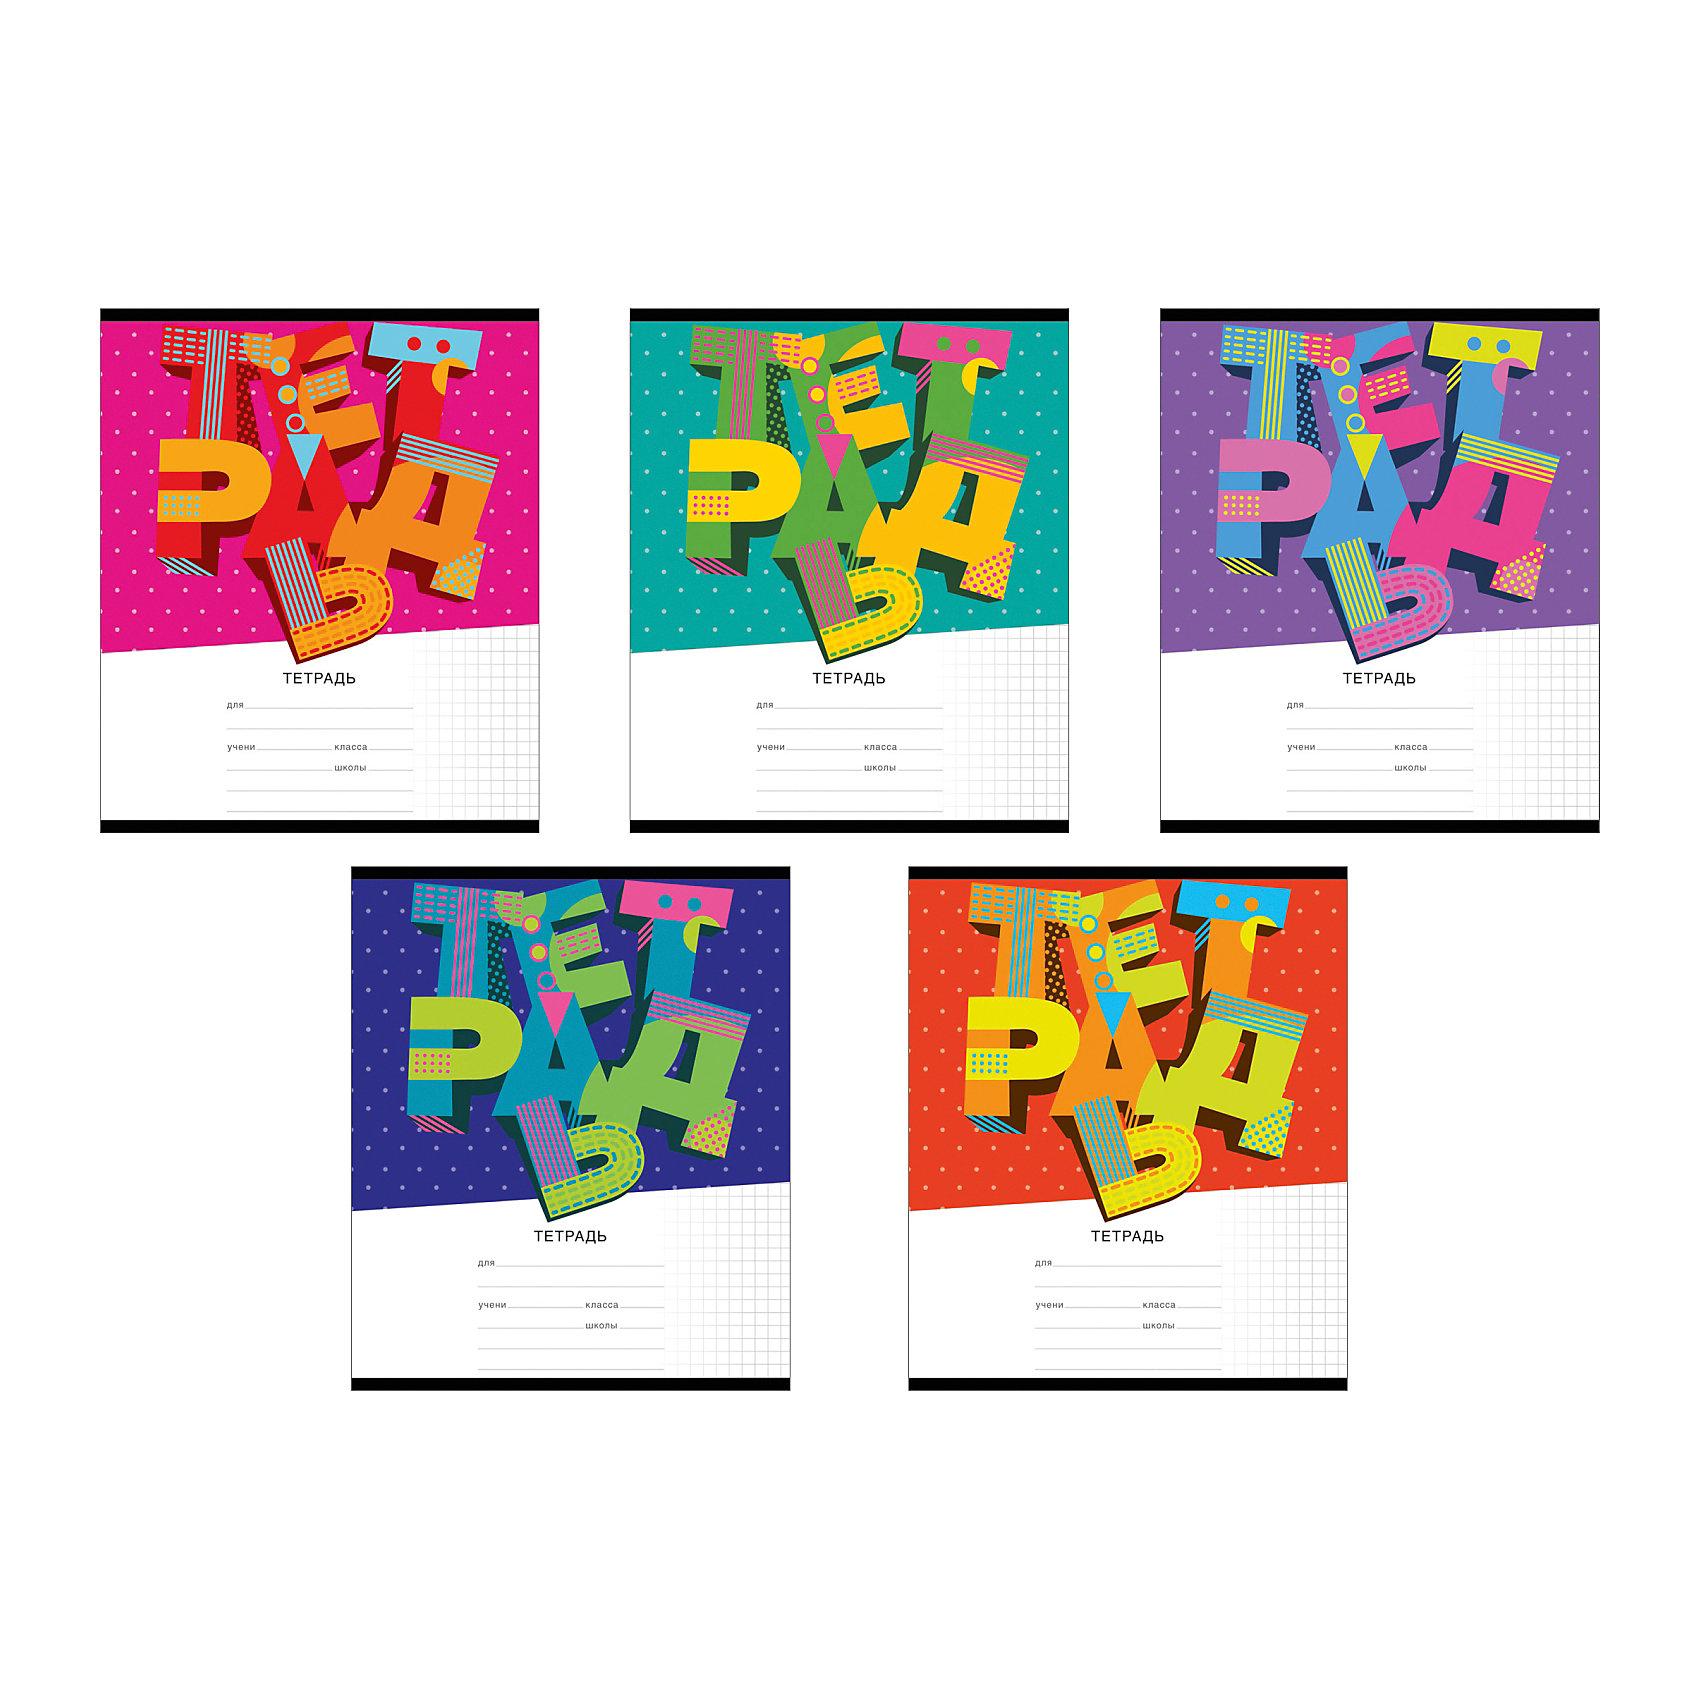 Тетрадь 24 листа 3D Letters, упаковка из 10 шт.Бумажная продукция<br>Тетрадь 24 листа 3D Letters, 10 шт.<br><br>Характеристики:<br><br>• Количество: 10 шт.<br>• Формат: А5<br>• Внутренний блок: 24 листа, клетка, офсет<br>• Тип крепления: скрепка<br>• Обложка: мелованный картон<br><br>Тетради в клетку 3D Letters предназначены для школьников. Отличная полиграфия и качественная бумага обеспечат высокое качество письма. Обложка из мелованного картона позволит сохранять тетрадь в аккуратном виде в течение всего периода использования.<br><br>Тетрадь 24 листа 3D Letters, 10 шт. можно купить в нашем интернет-магазине.<br><br>Ширина мм: 170<br>Глубина мм: 40<br>Высота мм: 205<br>Вес г: 582<br>Возраст от месяцев: 60<br>Возраст до месяцев: 204<br>Пол: Унисекс<br>Возраст: Детский<br>SKU: 5540098